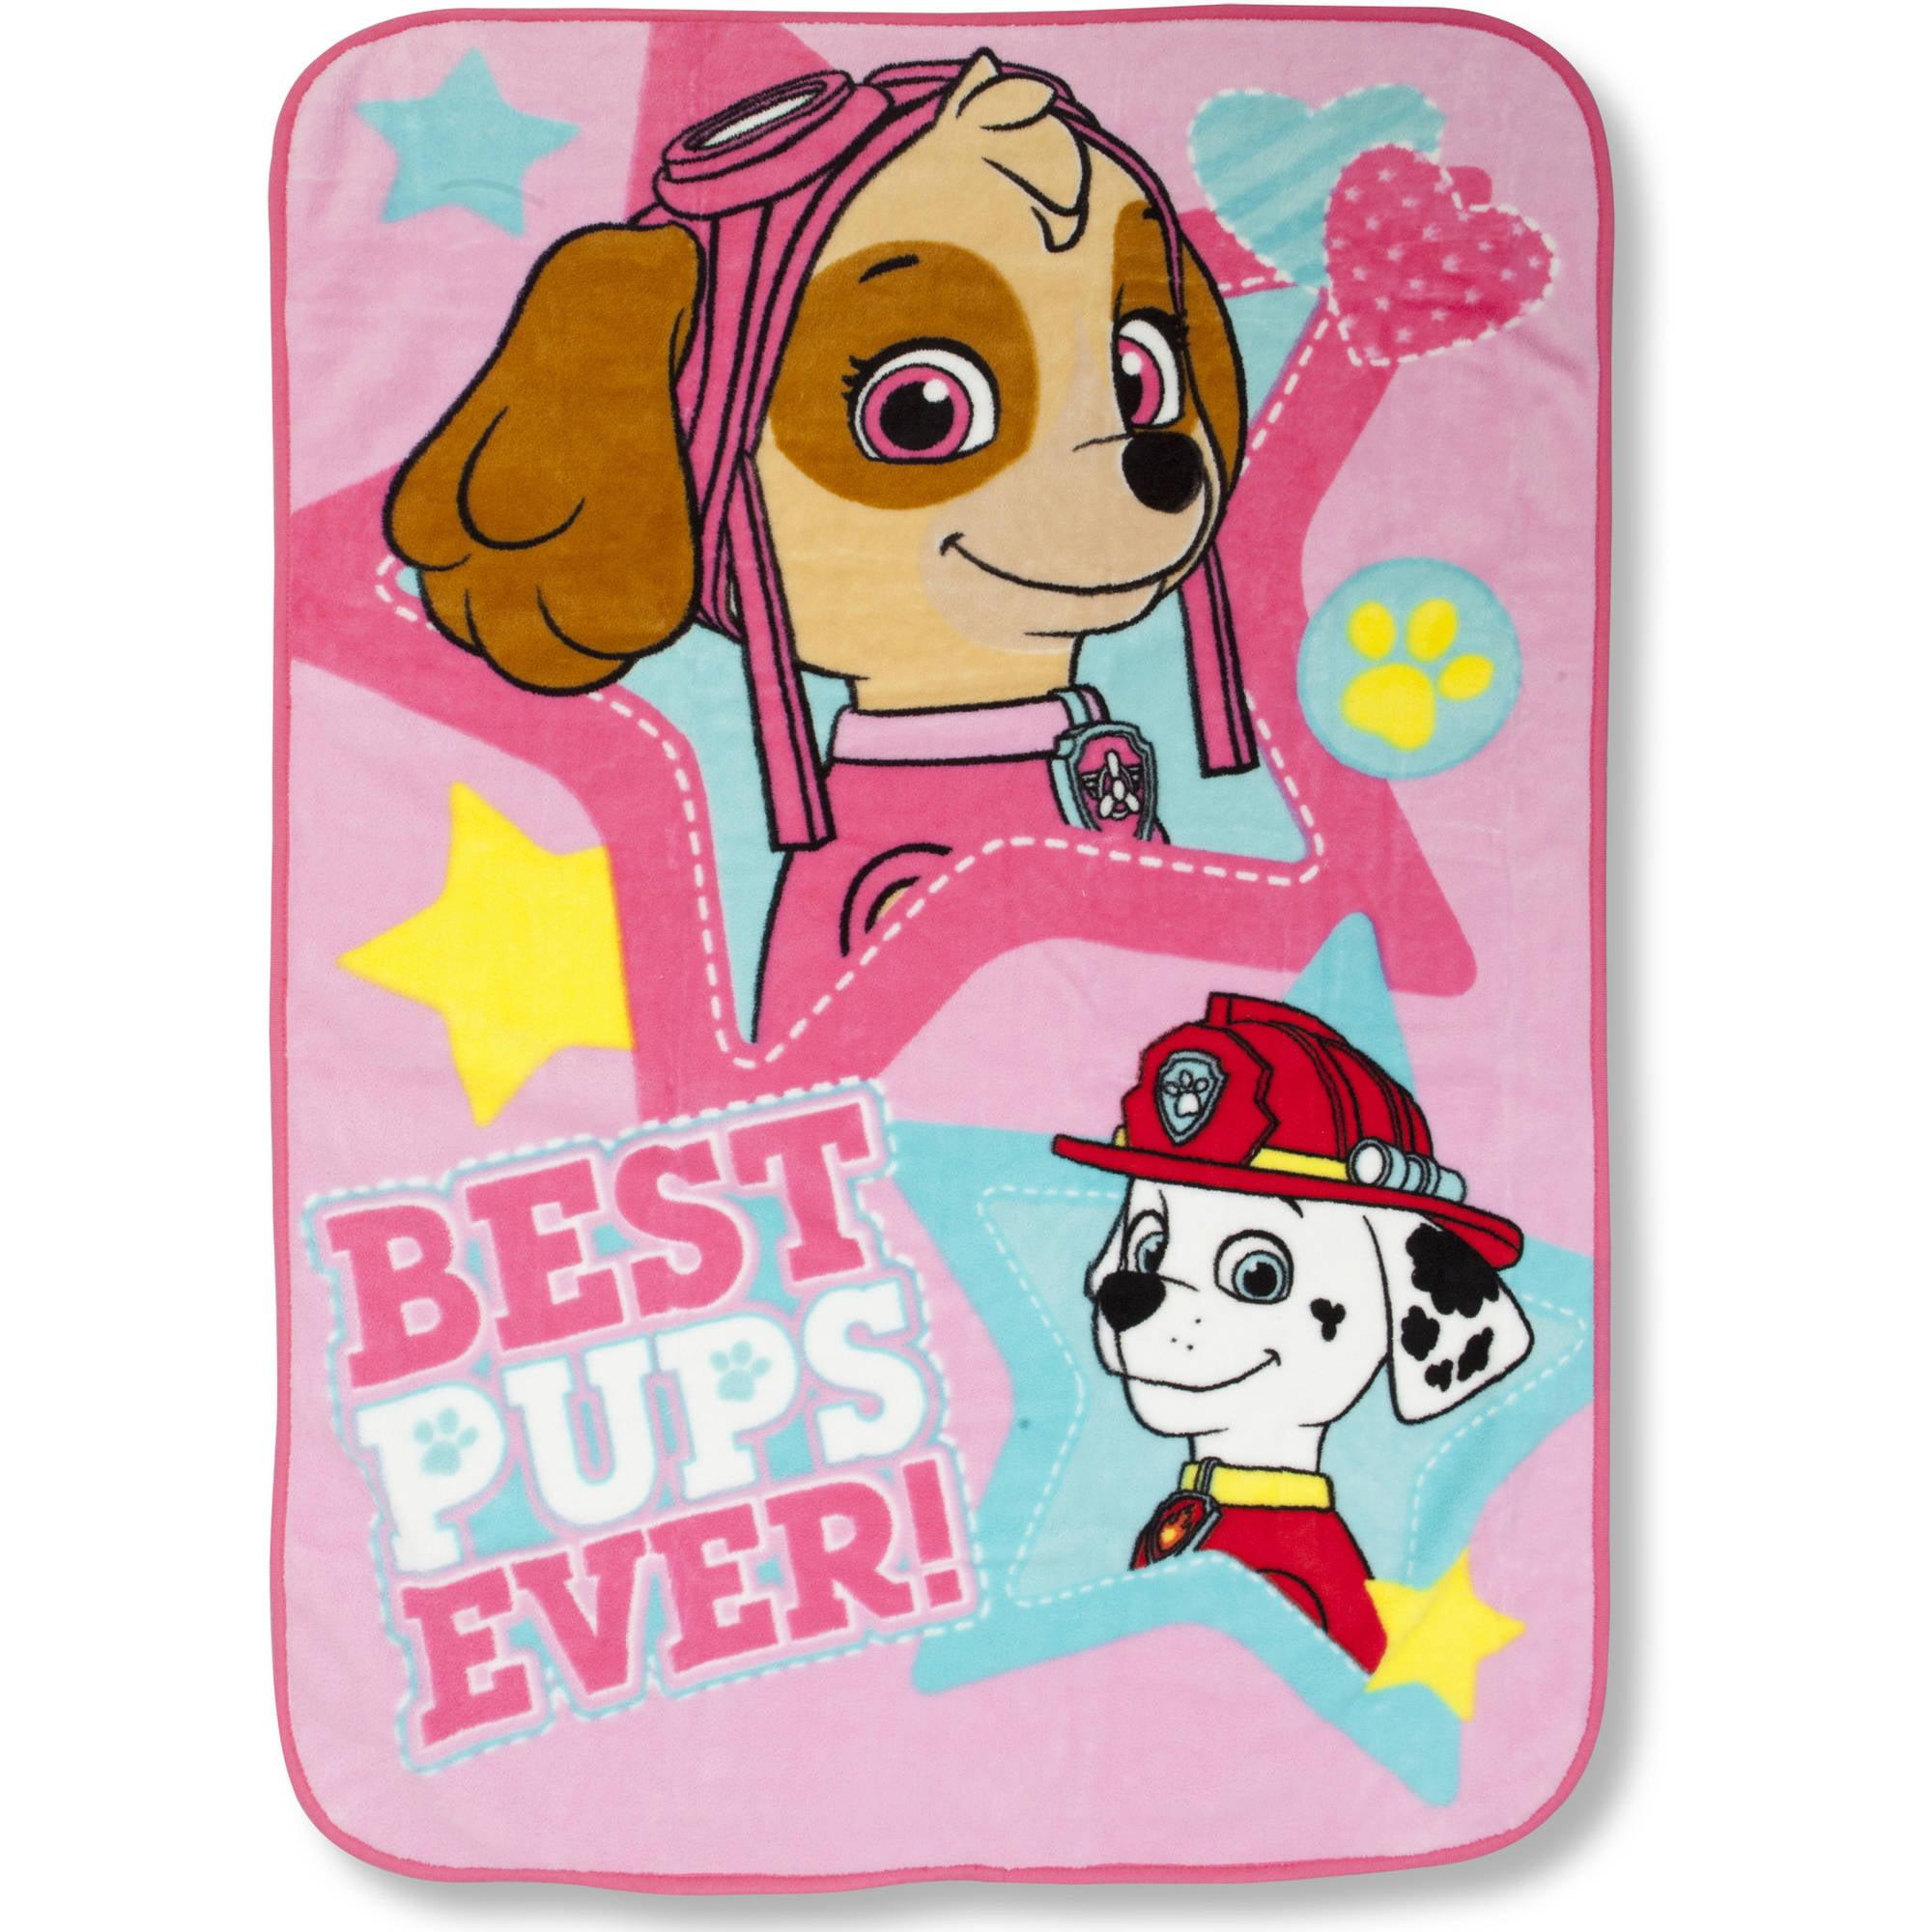 Paw Patrol Skye Blanket, Pink by Paw Patrol